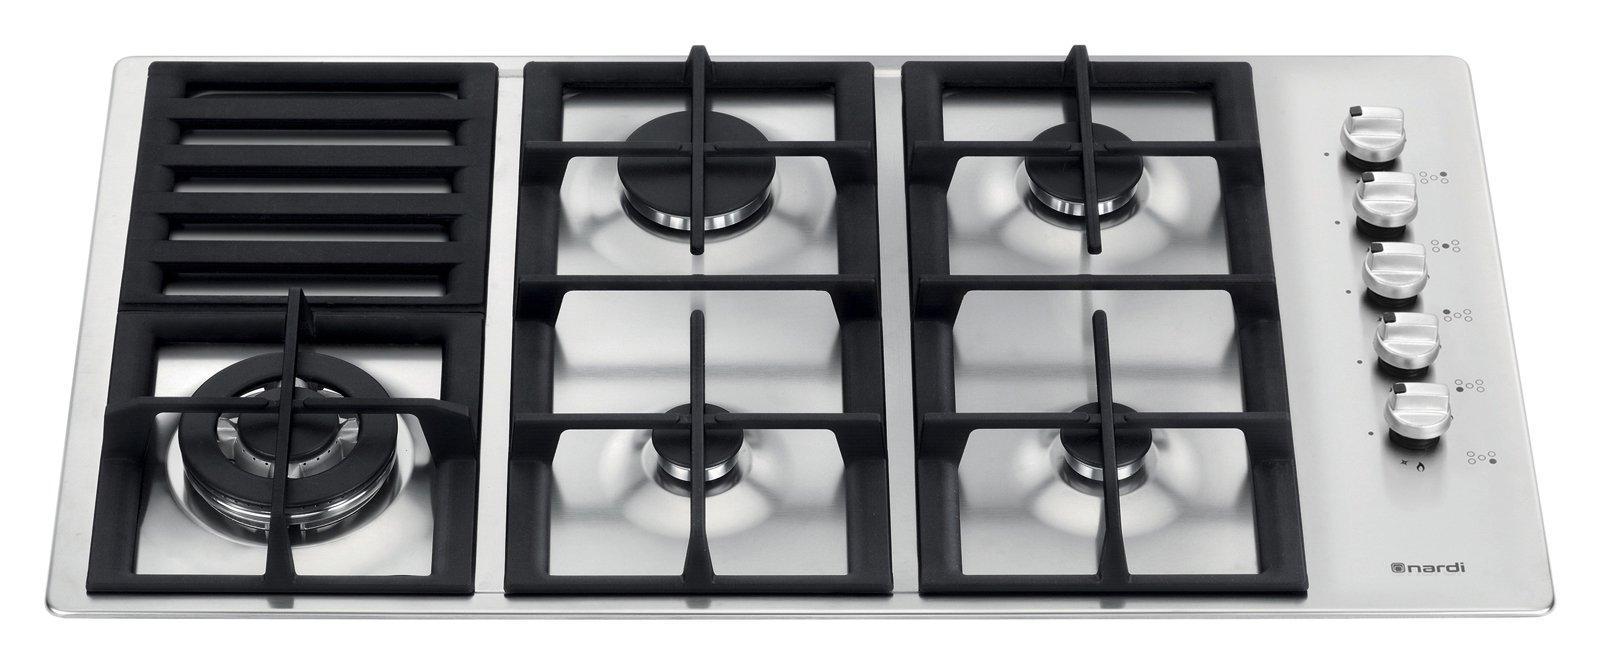 Piani cottura con o senza fiamma cose di casa for Piani di piano di soggiorno